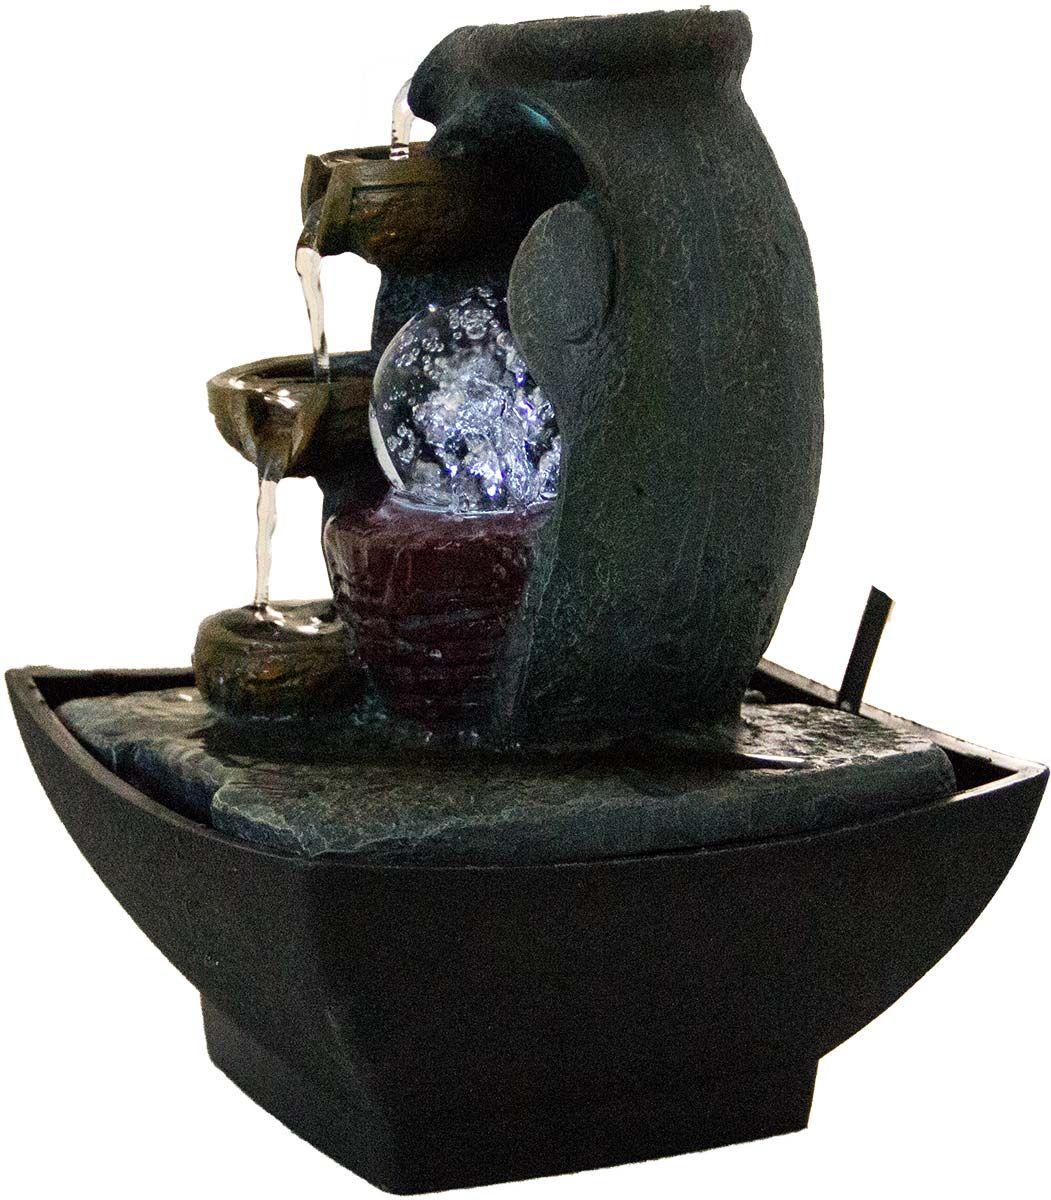 Zimmerbrunnen Grano Mit Pumpe Und Rotierender Kugel Dekoration Haus Wohnen Sport Freizeit Haus Garten Beachandpool De Zimmerbrunnen Brunnen Kugel